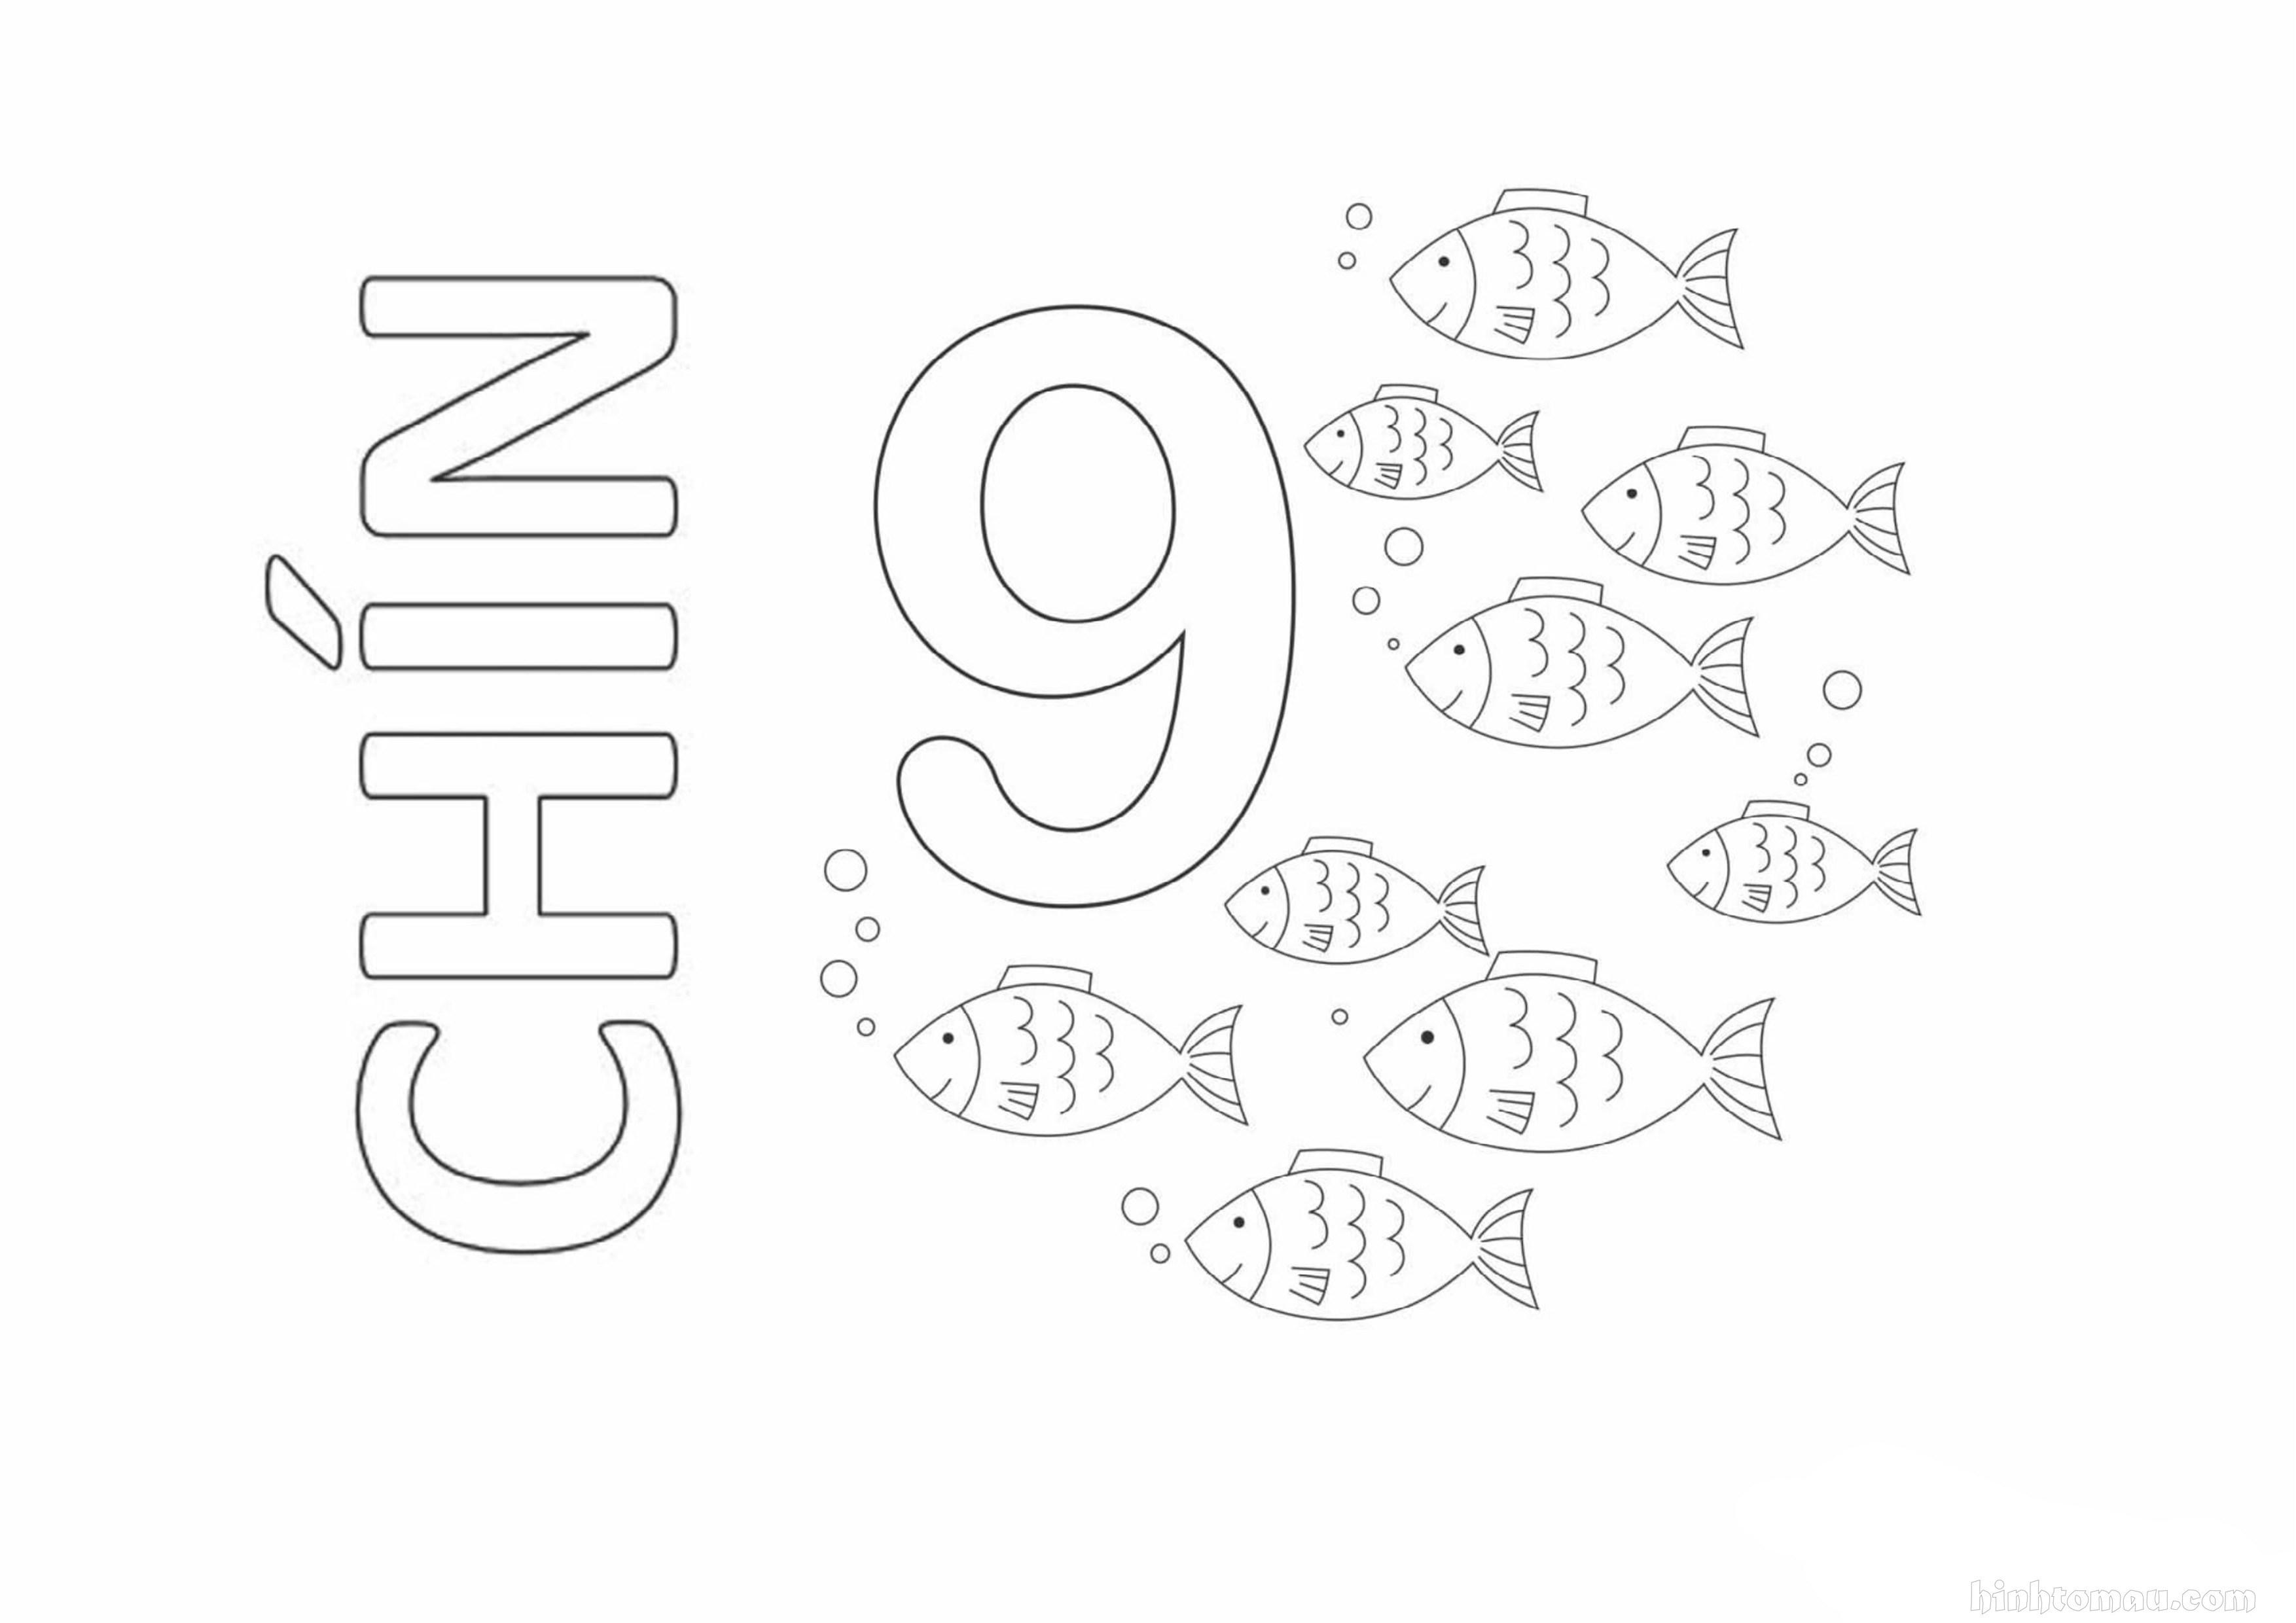 Tranh tô màu chữ số 9 - Chín con cá